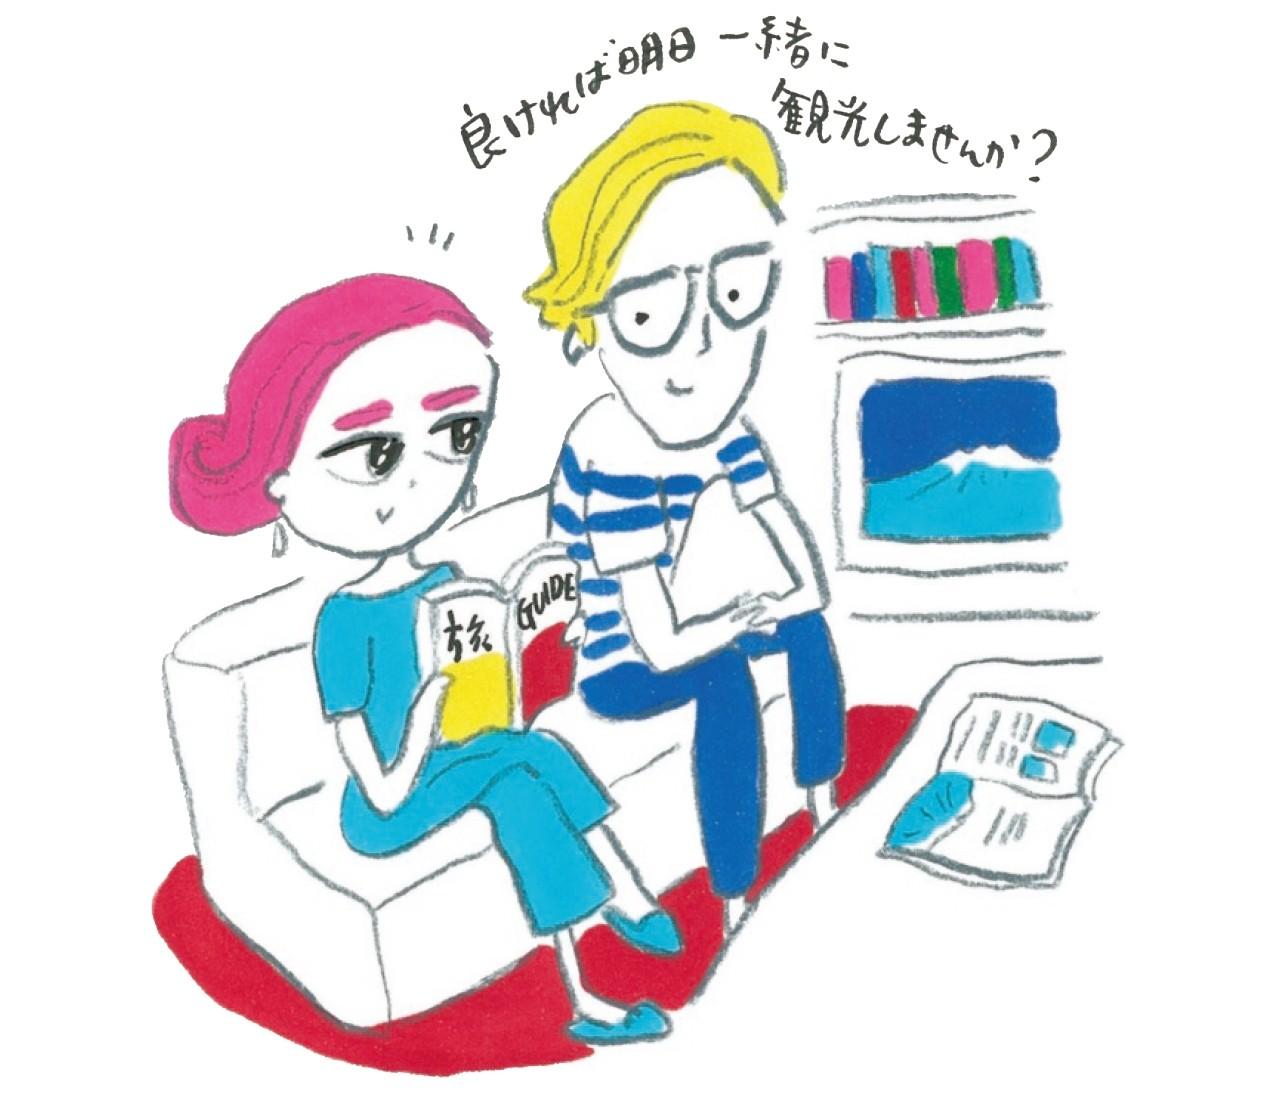 なんでもない出会いが恋に変わった瞬間【婚活成功エピソード③】